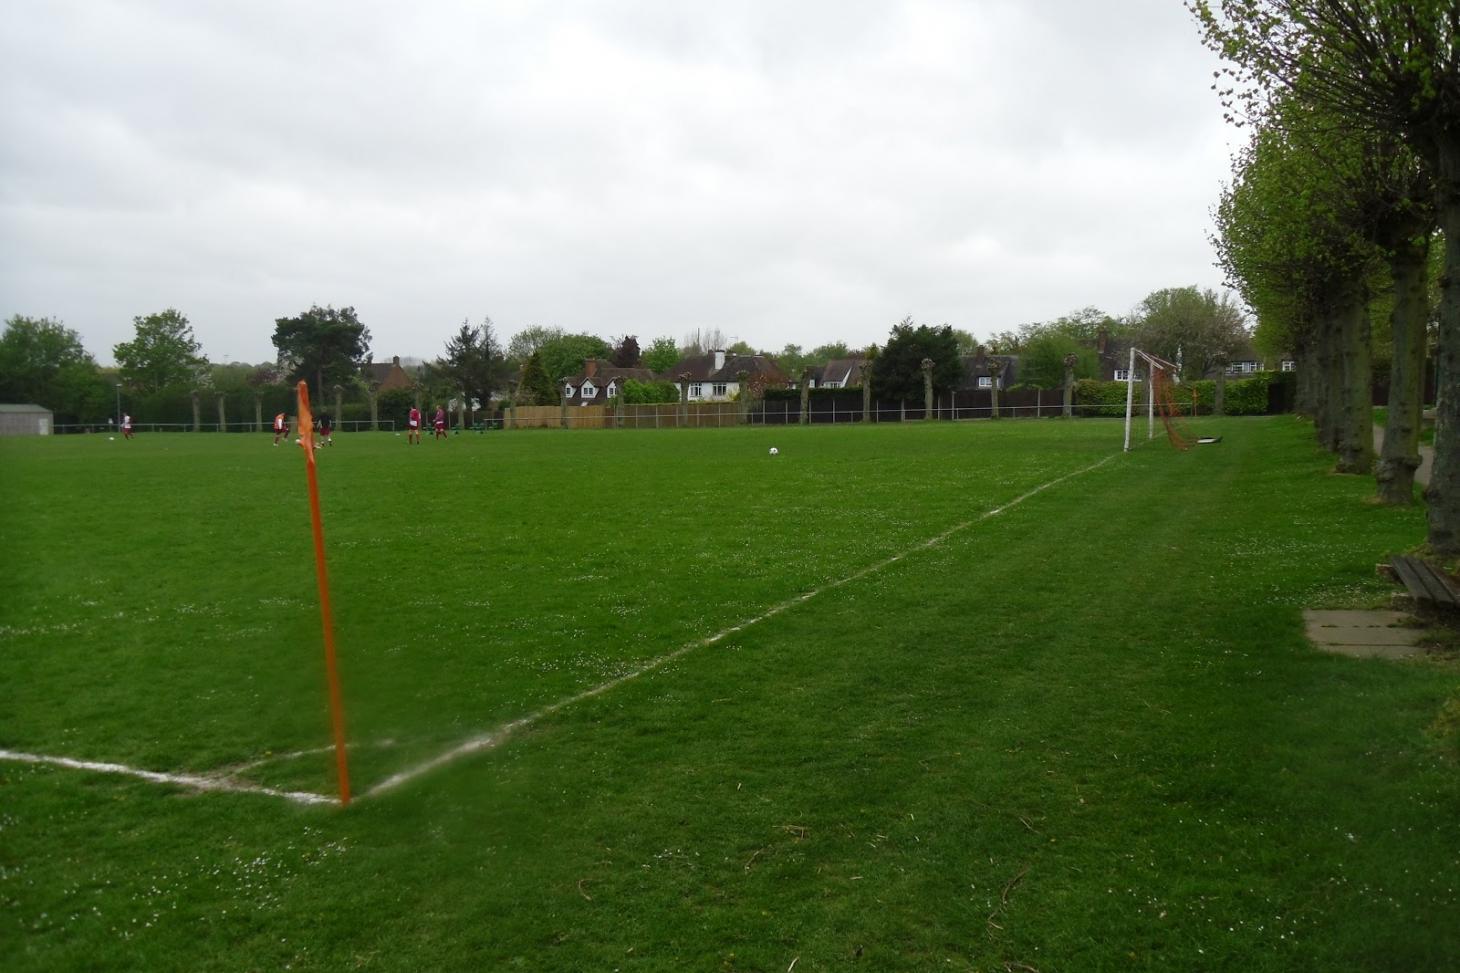 North Enfield Recreation Ground Outdoor | Hard (macadam) tennis court